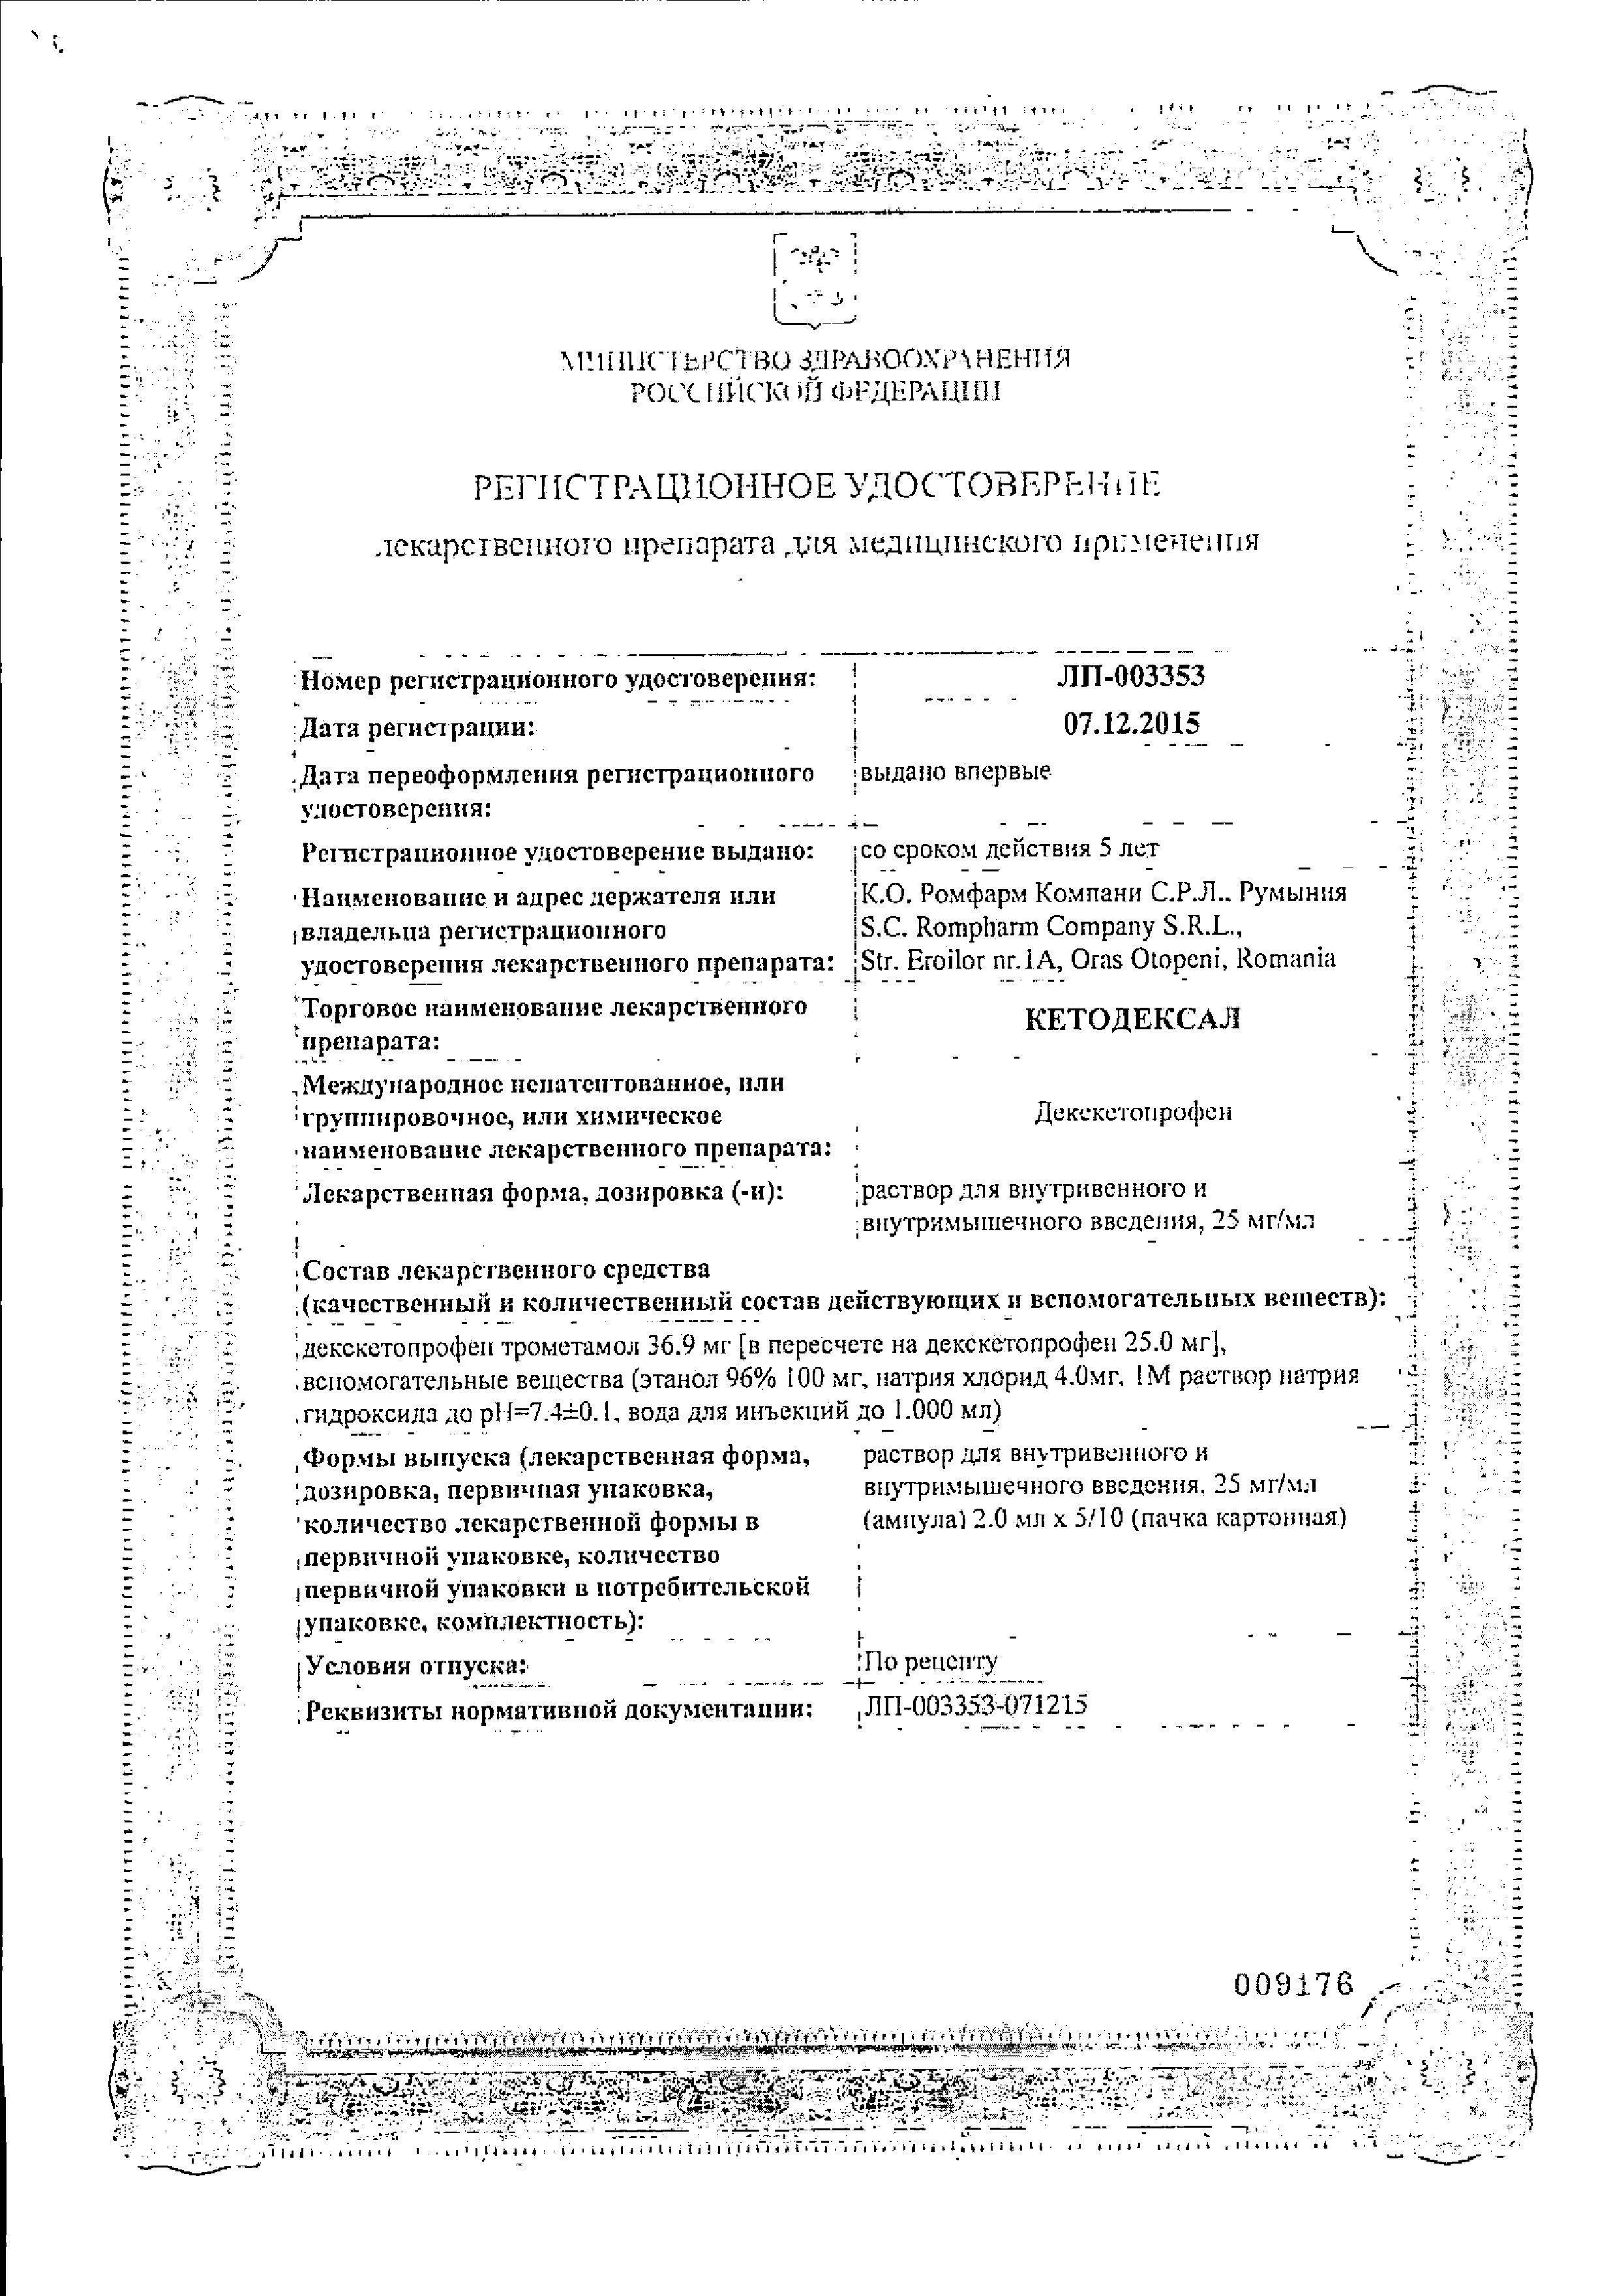 Кетодексал сертификат